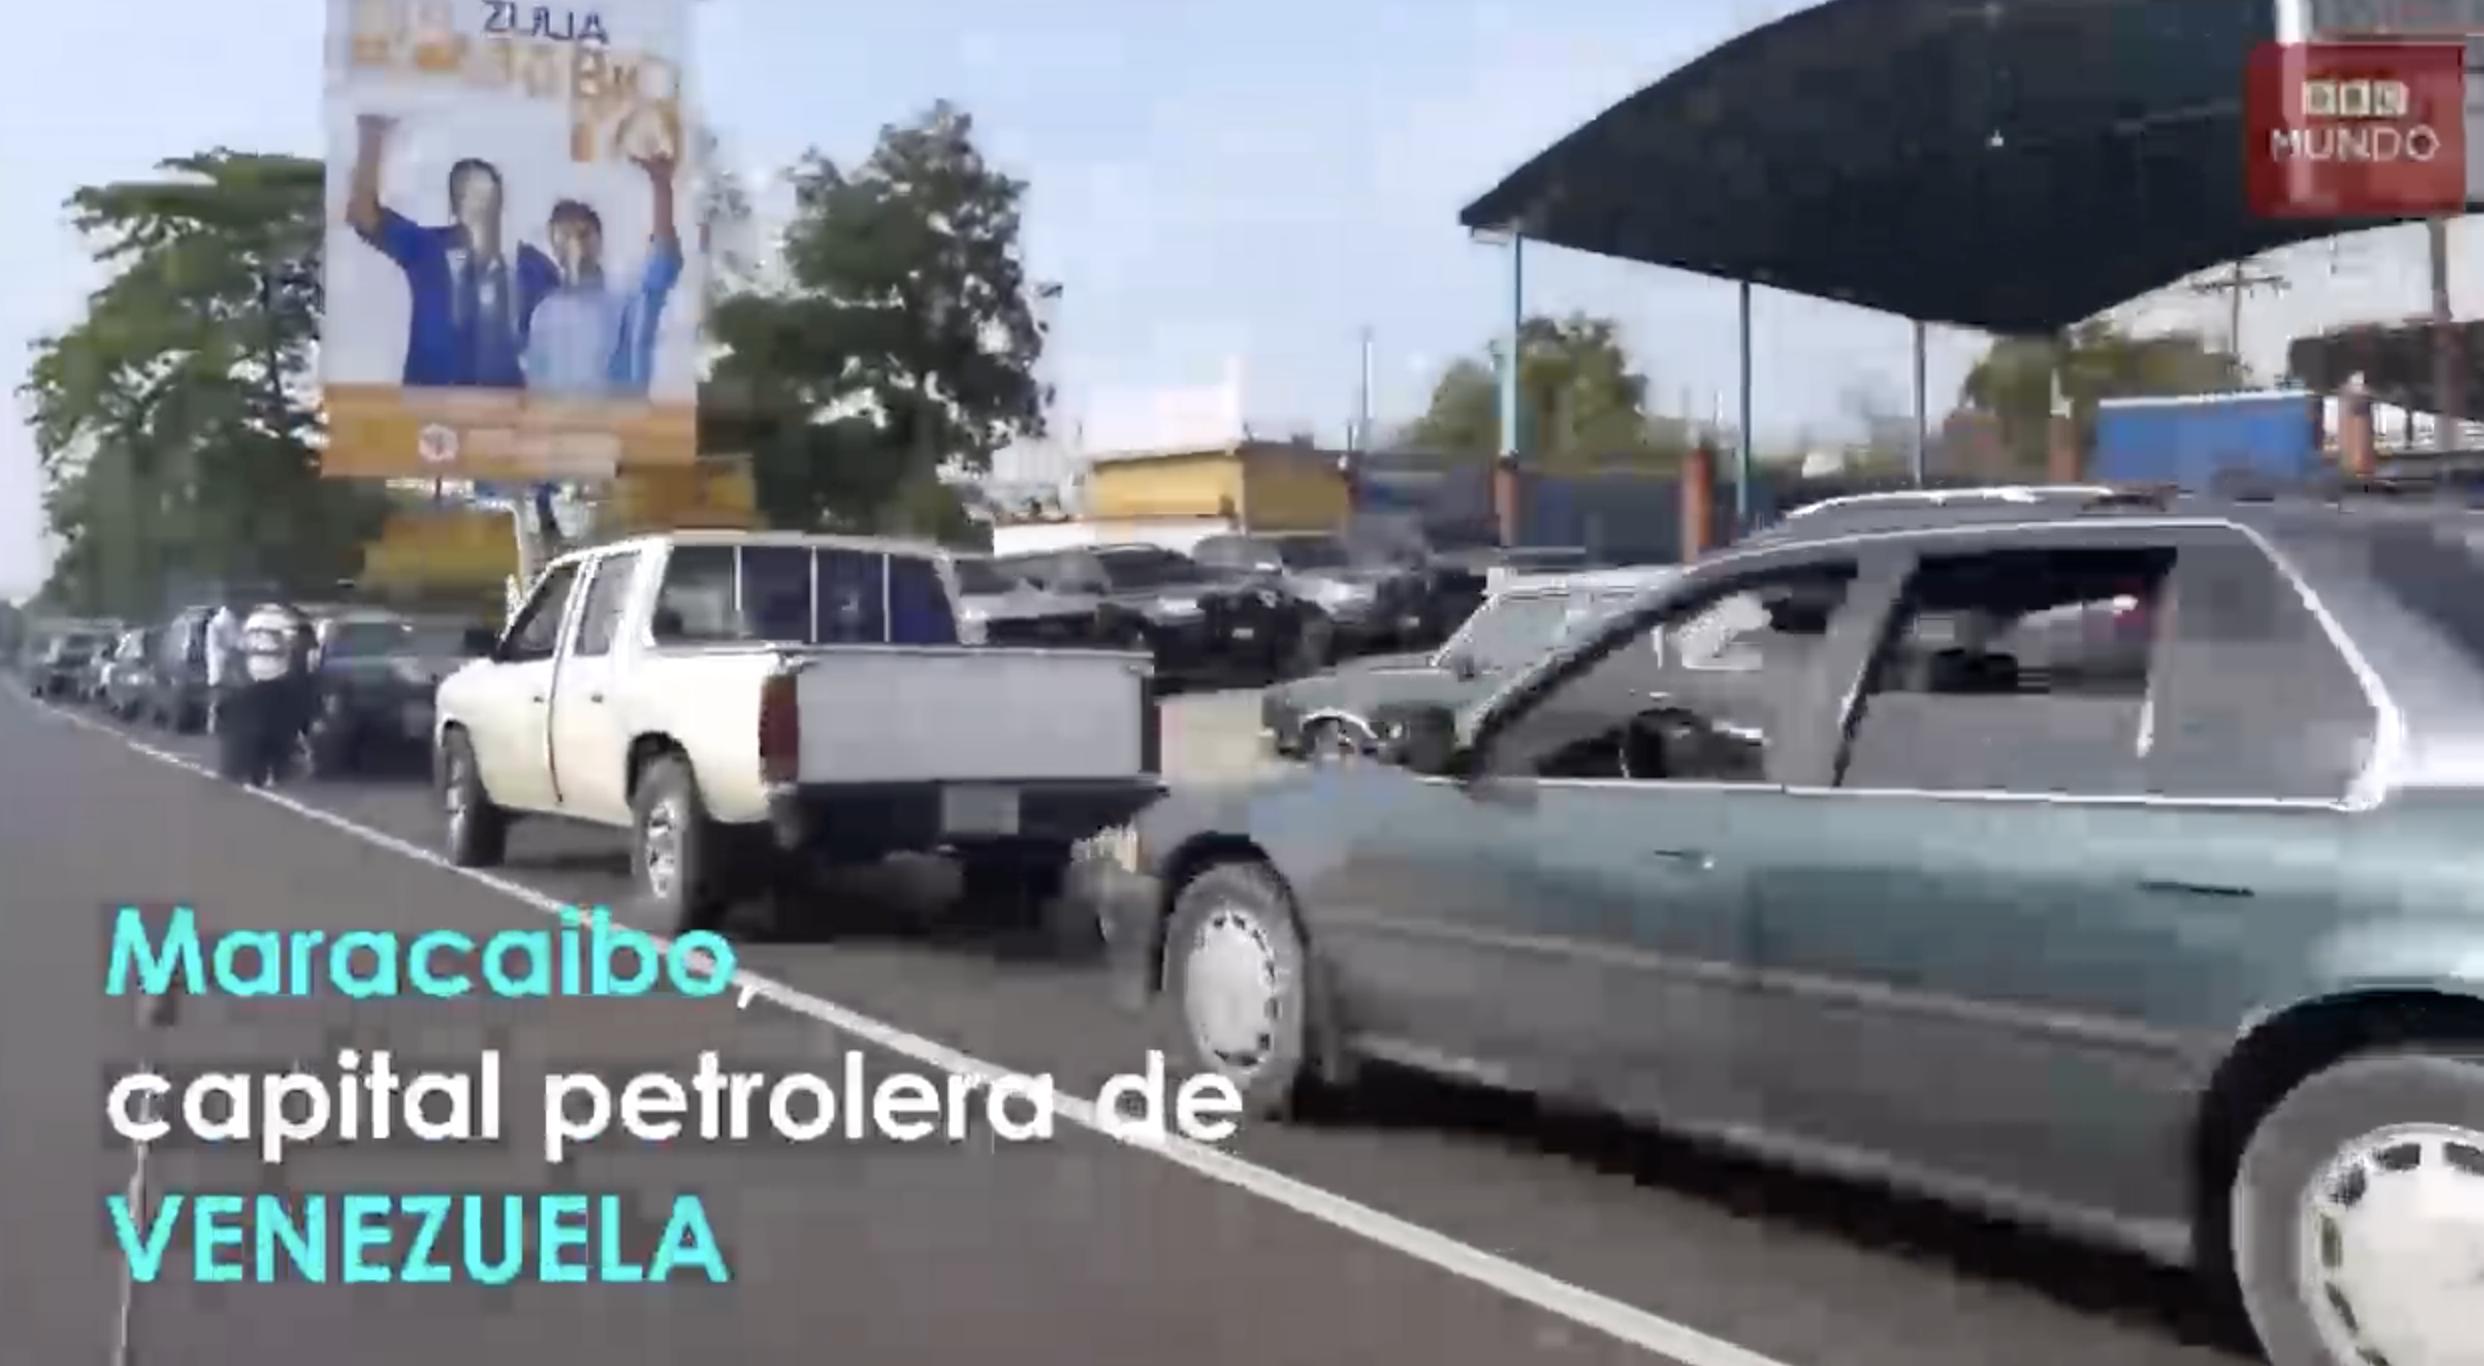 La Tortura De Echar Gasolina En Maracaibo Venezuela. Hasta 4 Horas Puedes Tardar En La Fila Para Llenar Un Tanque